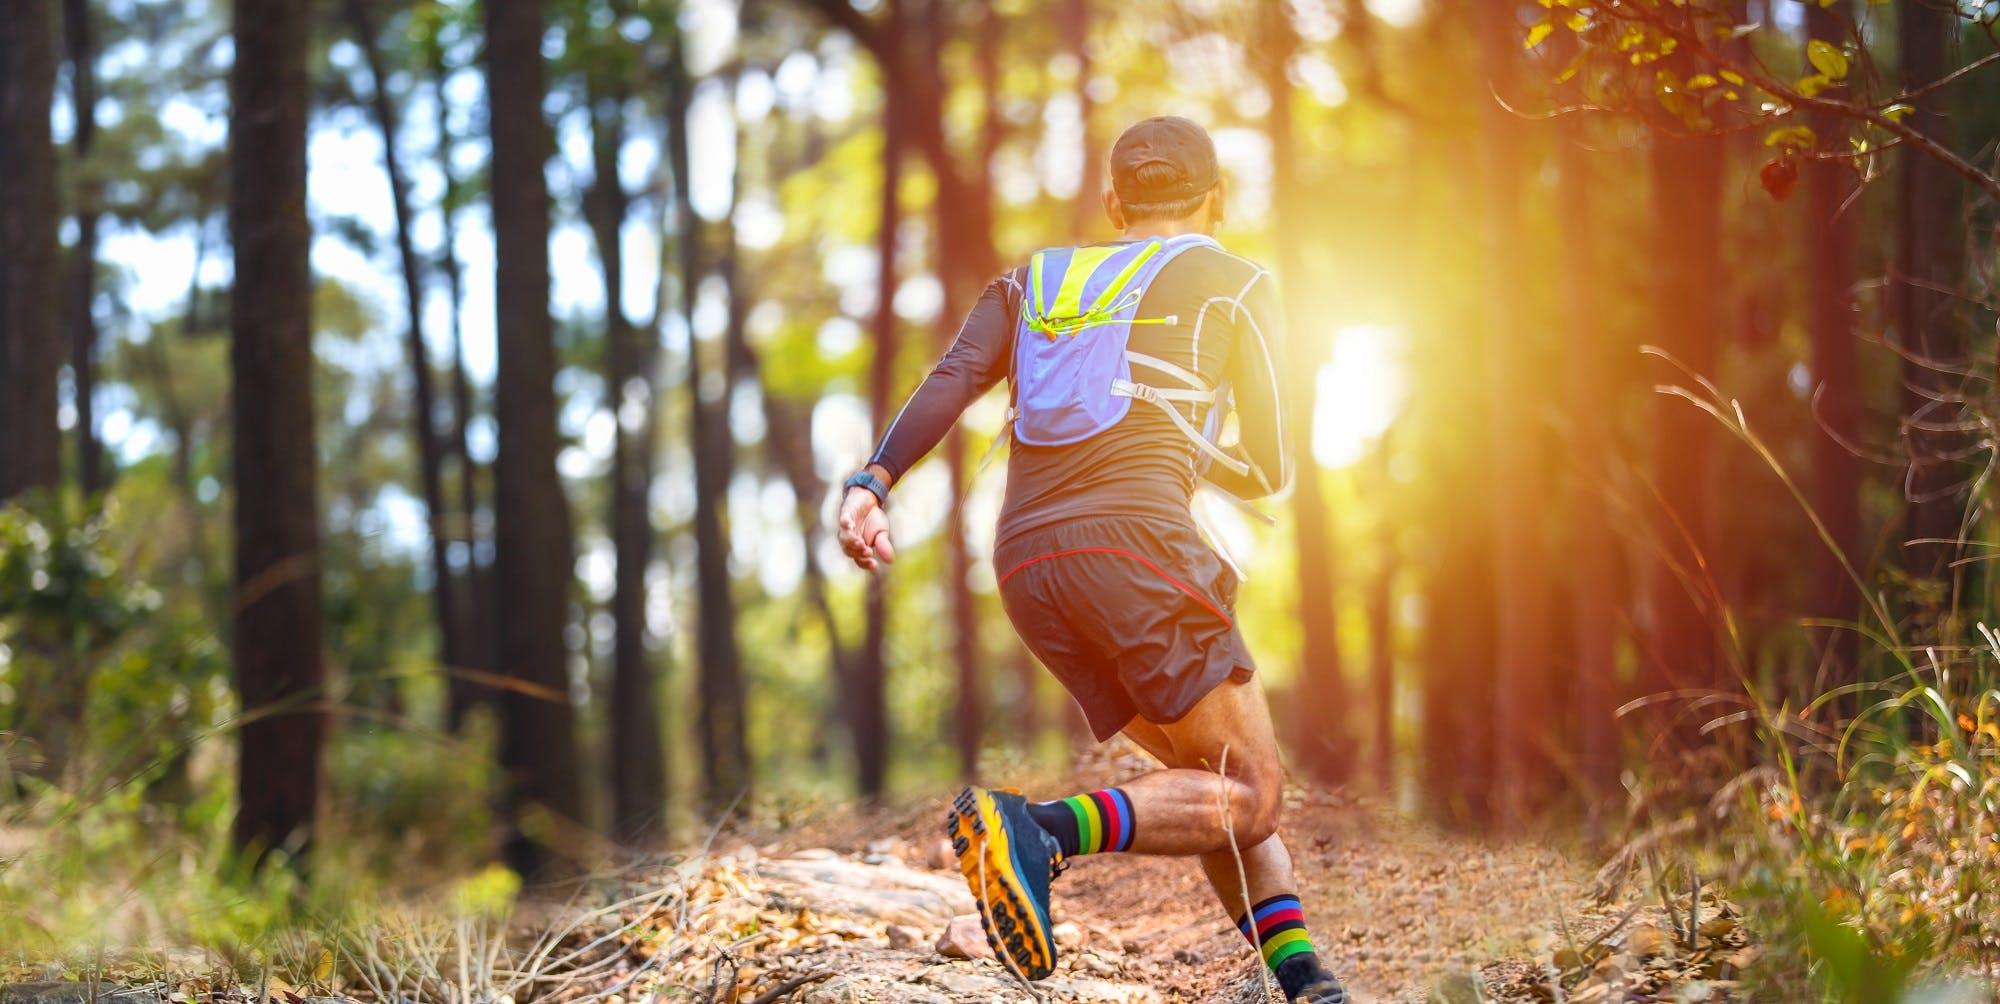 Τrail Running: Πώς θα σας βοηθήσει να γίνετε καλύτεροι δρομείς